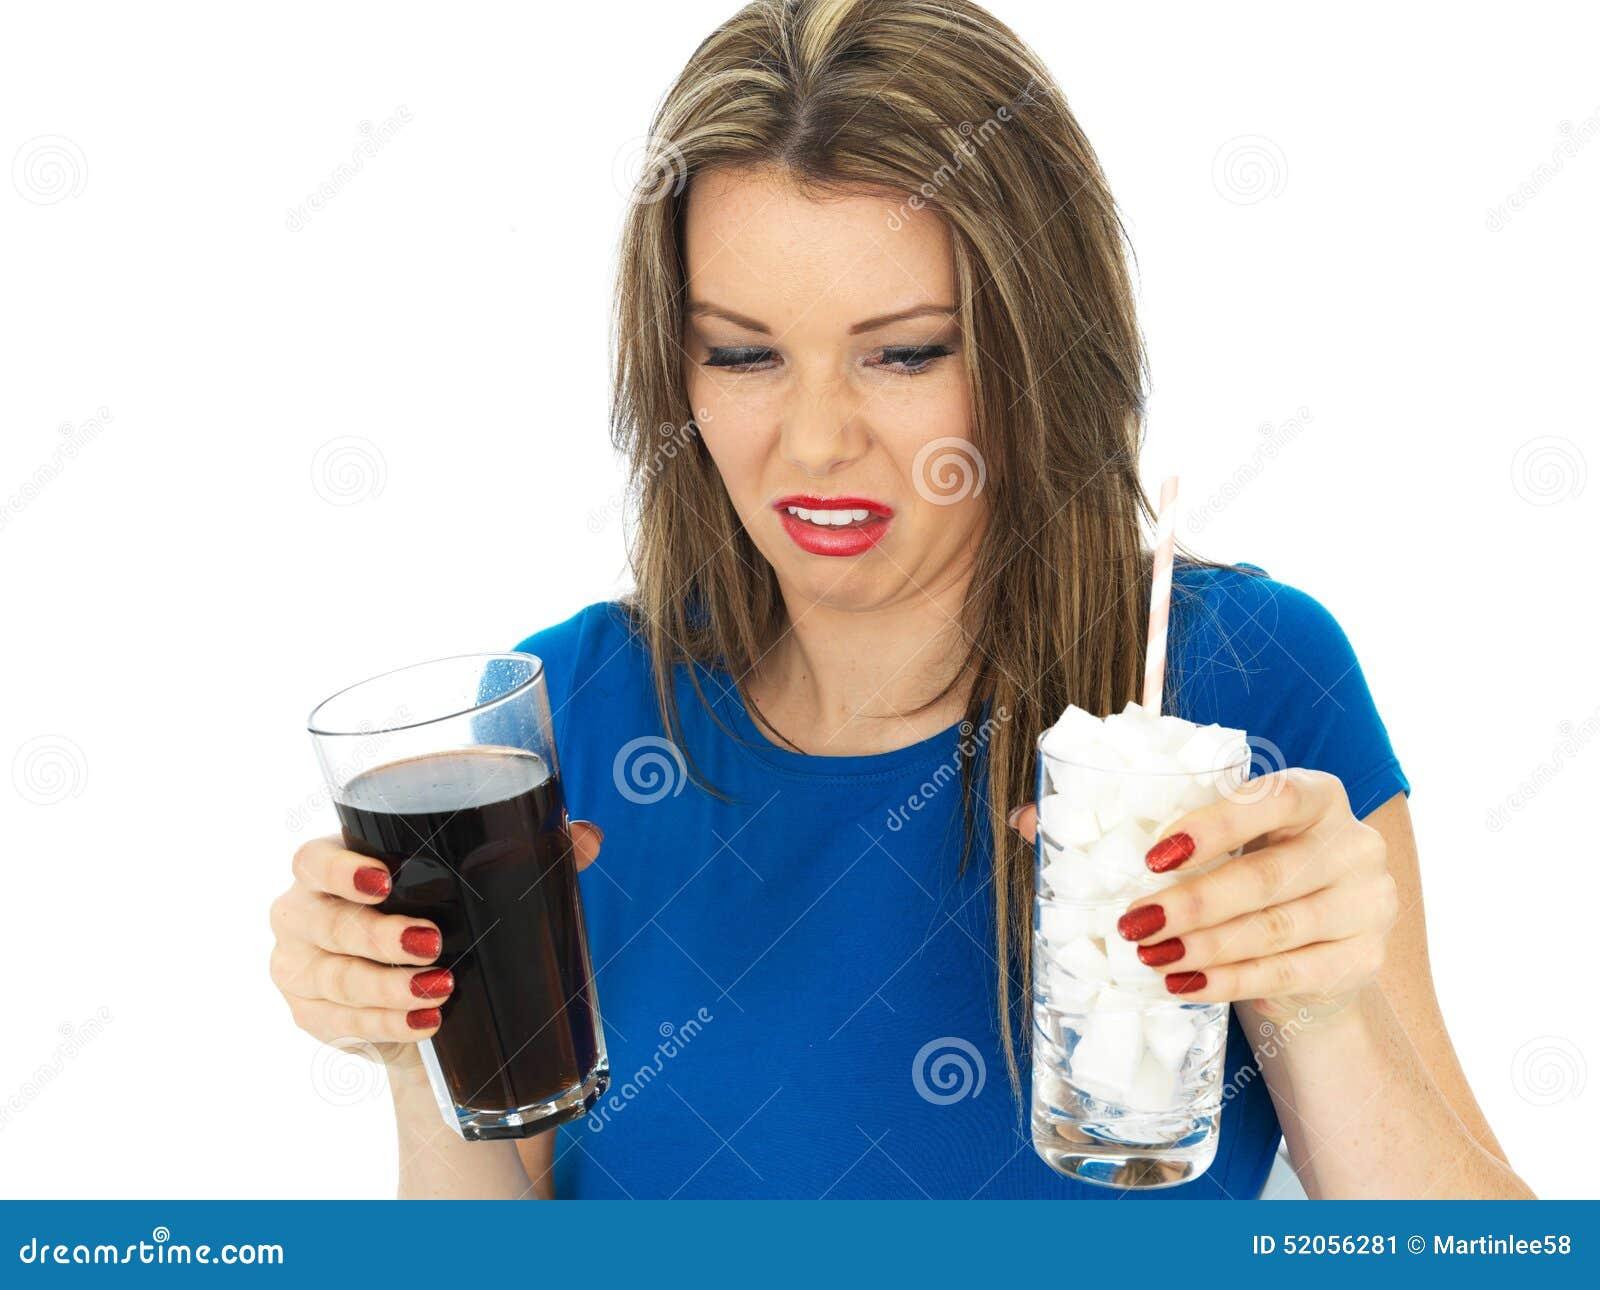 Junge Frau, die hohen Sugar Fizzy Drink trinkt